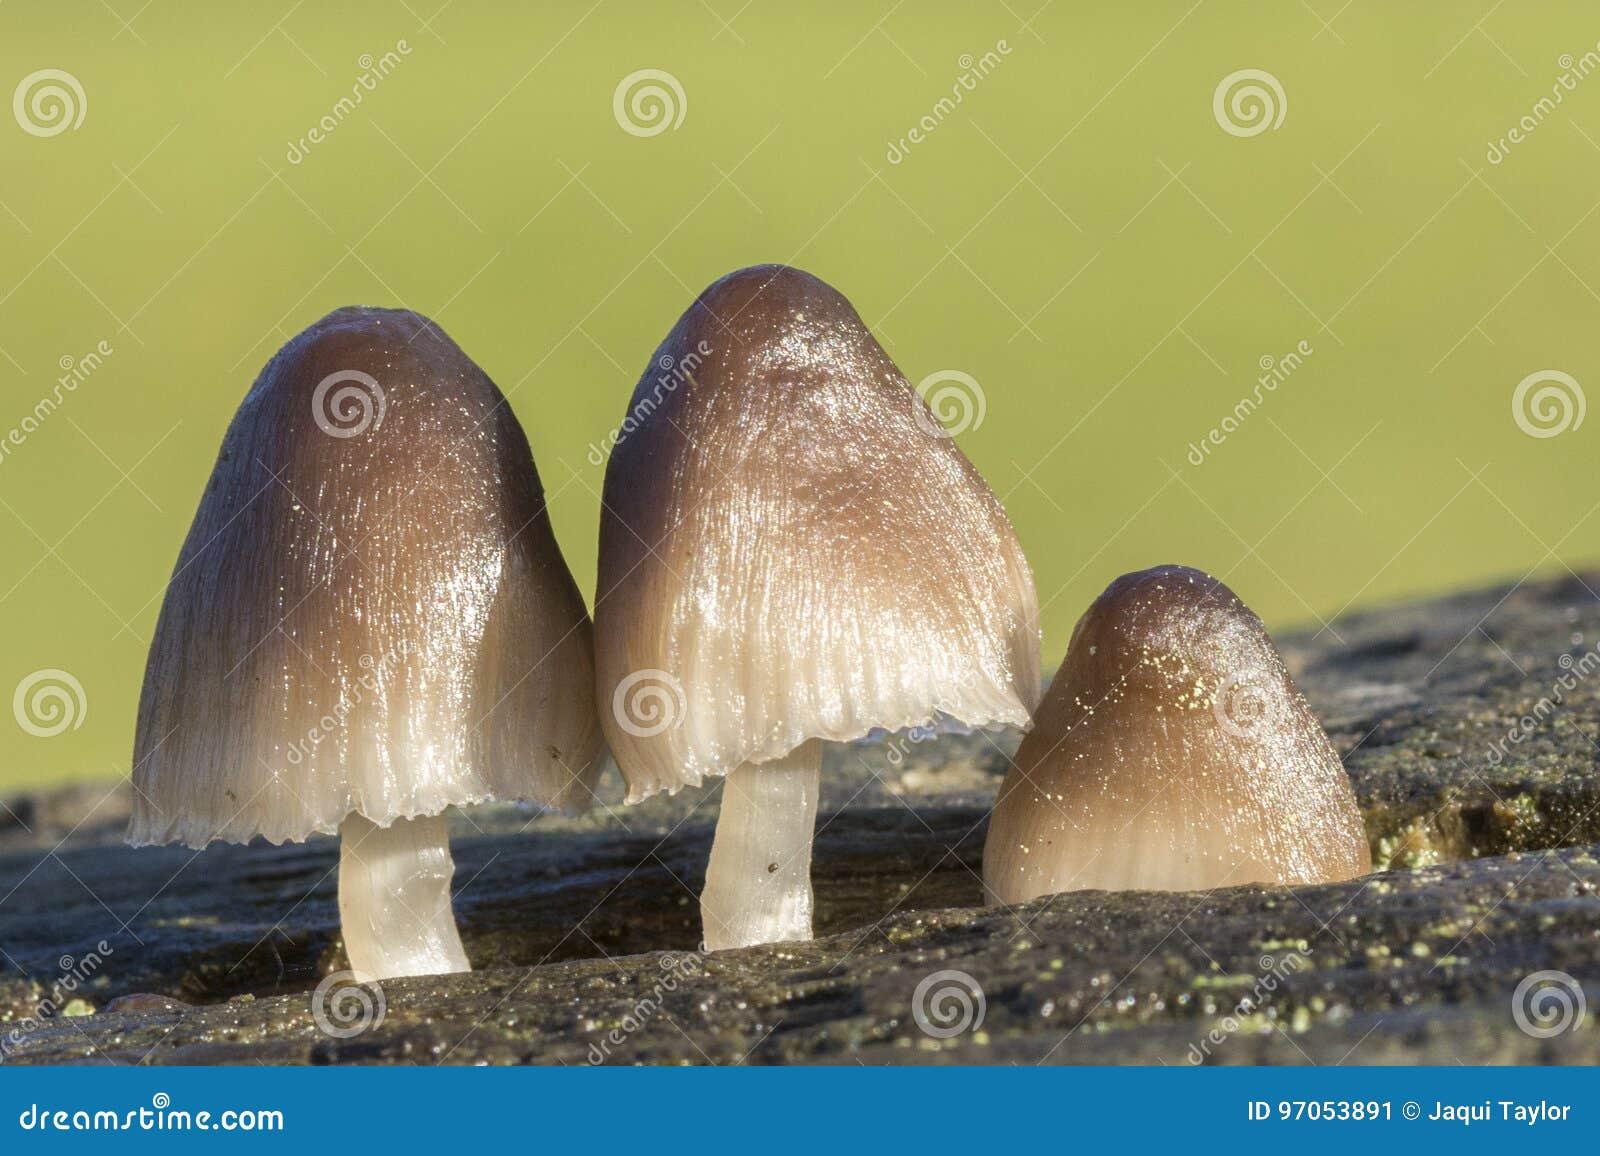 Three Fungi